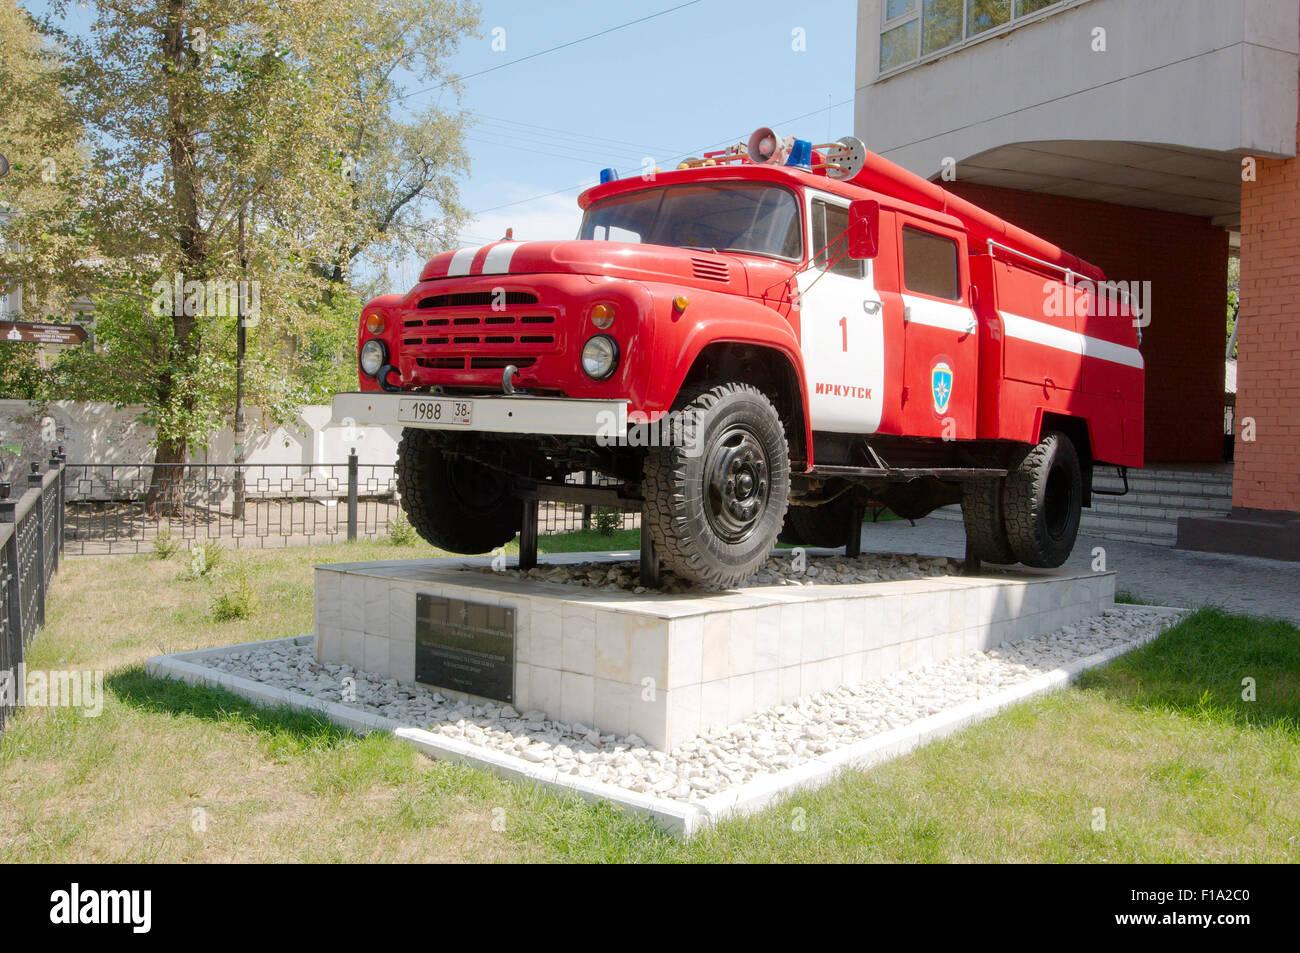 Irkutsk, Sibirien, Russland. 26. September 2009. Das Feuerwehrauto. Irkutsk, Sibirien, Russland © Andrey Nekrassow/ZUMA Wire/ZUMAPRESS.com/Alamy Live-Nachrichten Stockfoto